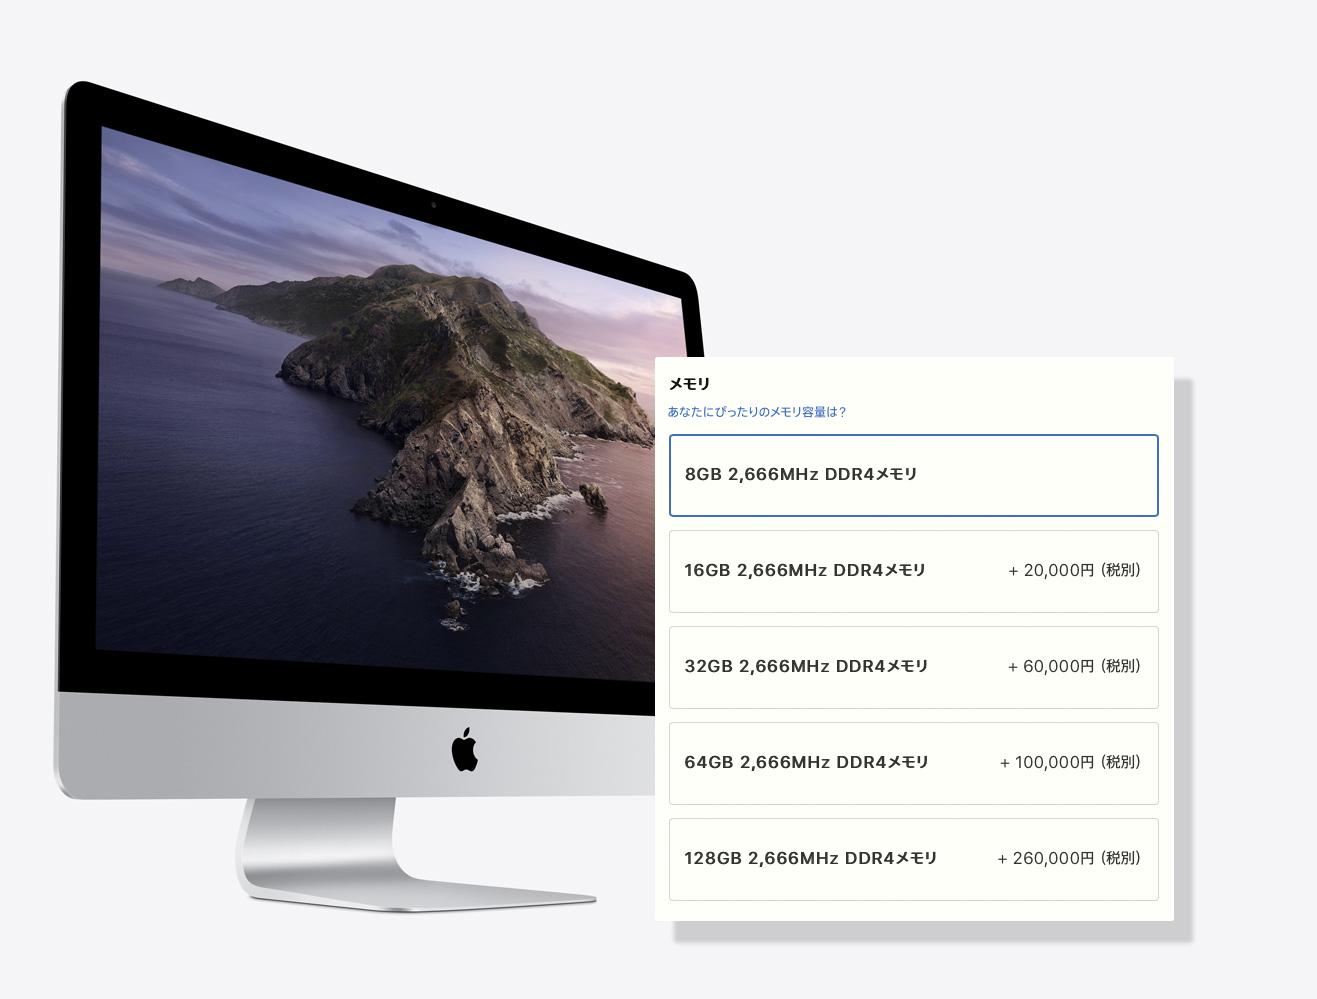 新型iMacのメモリ増設を安価に